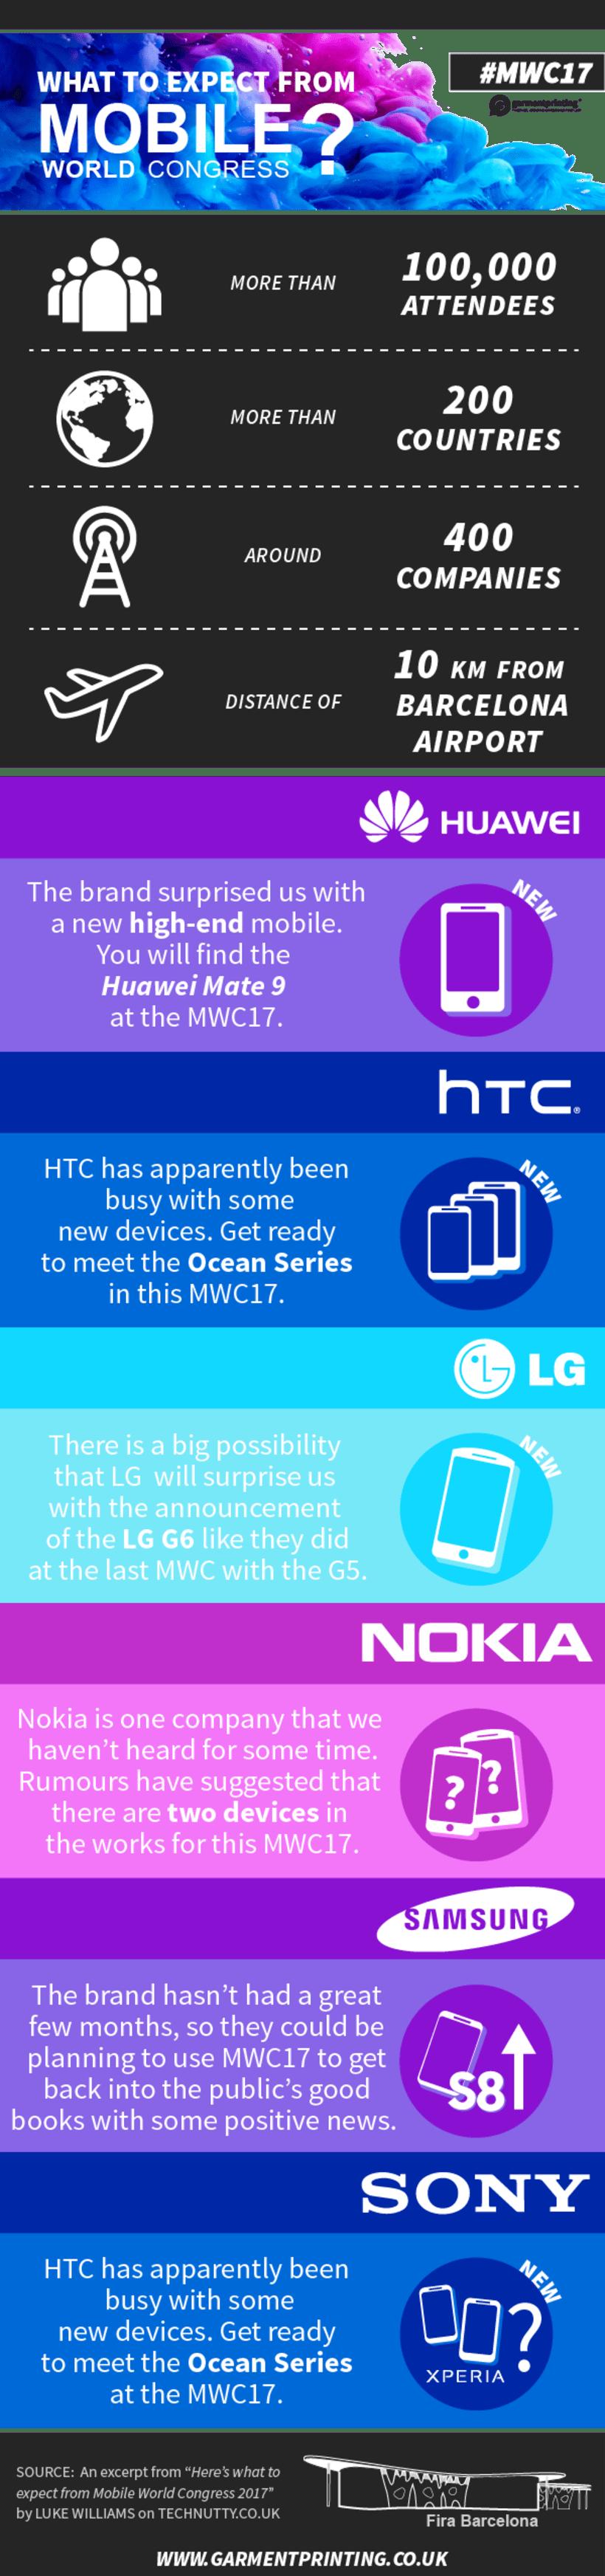 Qué esperar del nuevo MWC17? 2